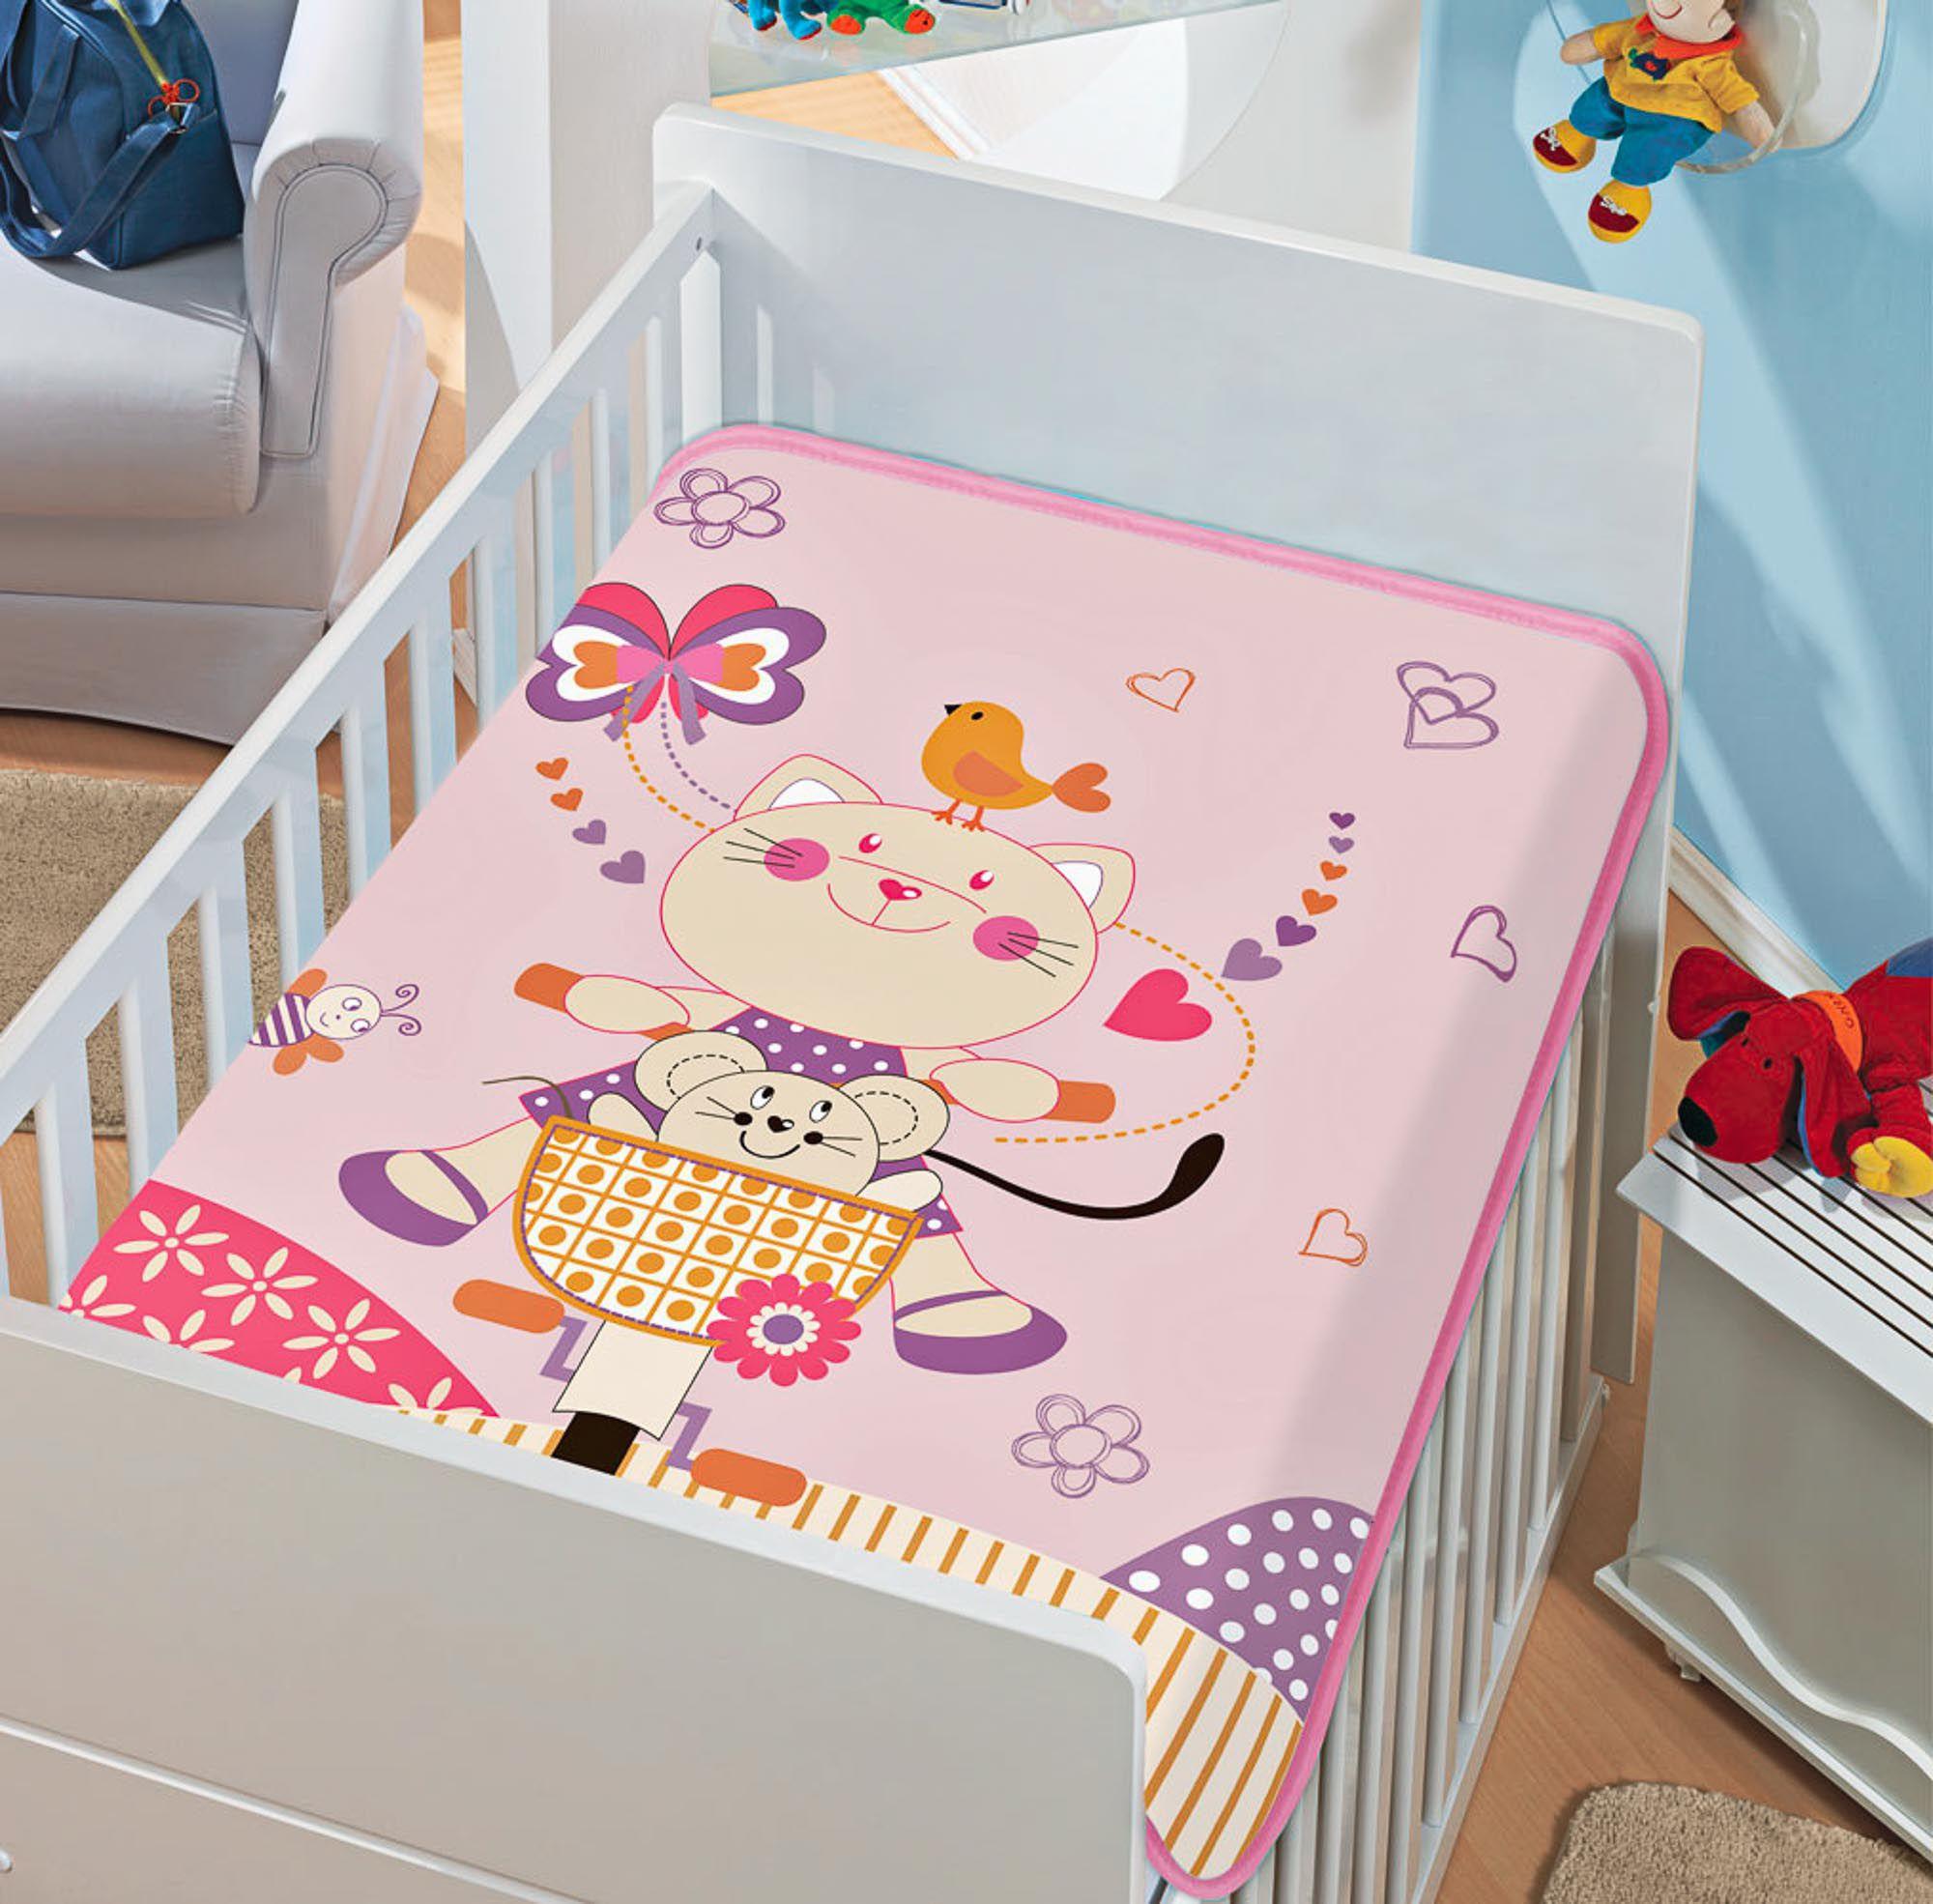 Cobertor Jolitex Raschel Infantil 0,90x1,10m Gatinha Pedalando Rosa